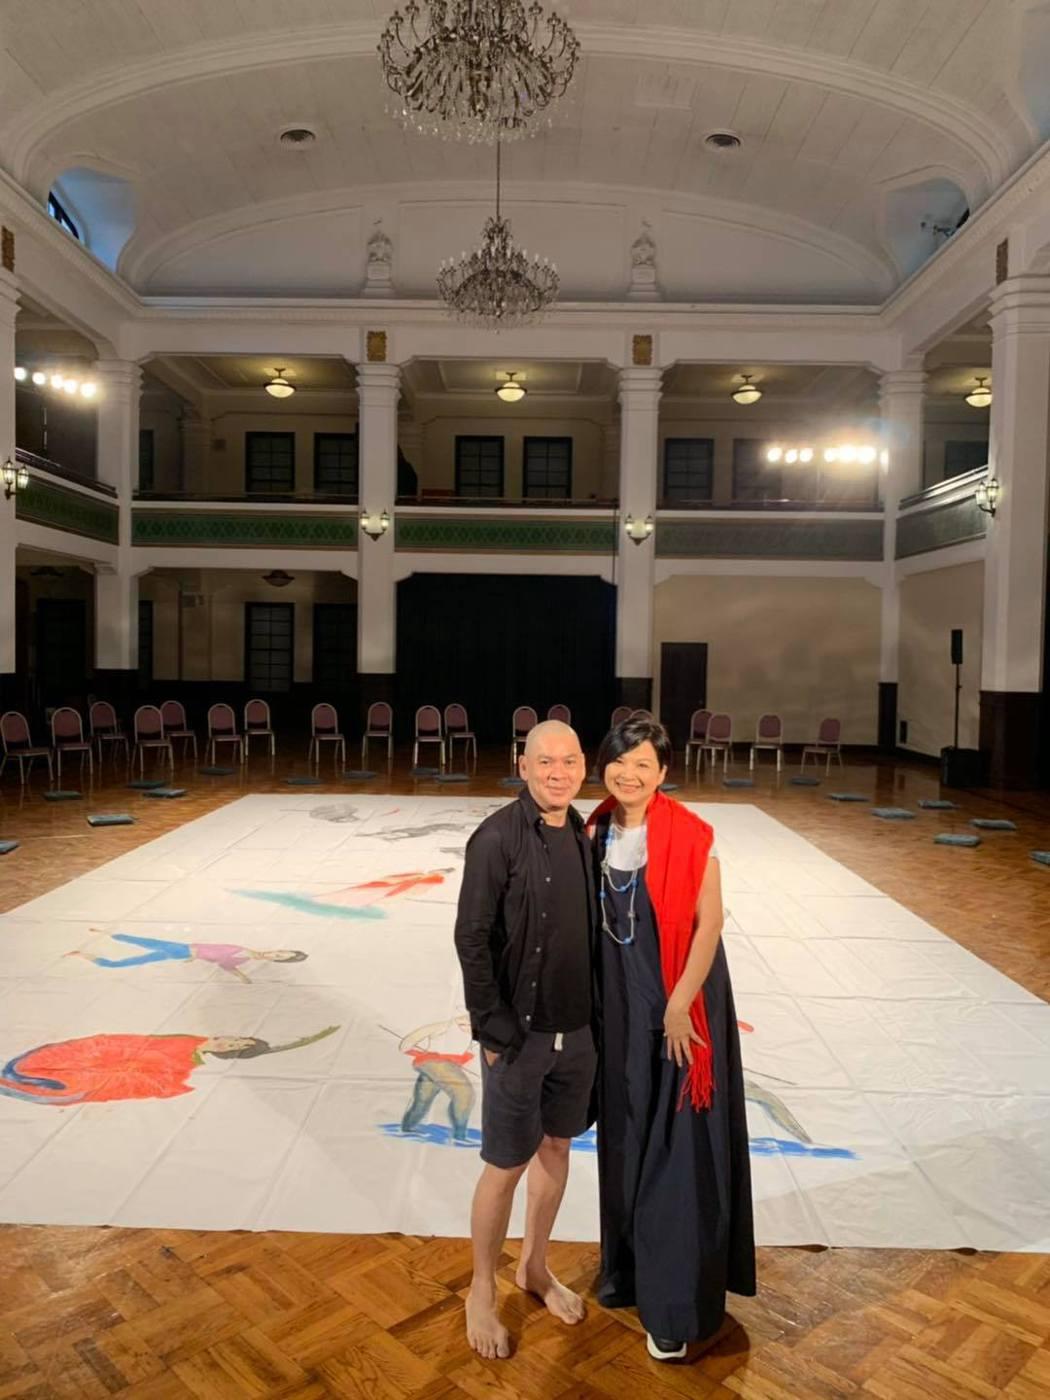 楊貴媚(右)到中山堂力挺好友蔡明亮。圖/摘自臉書